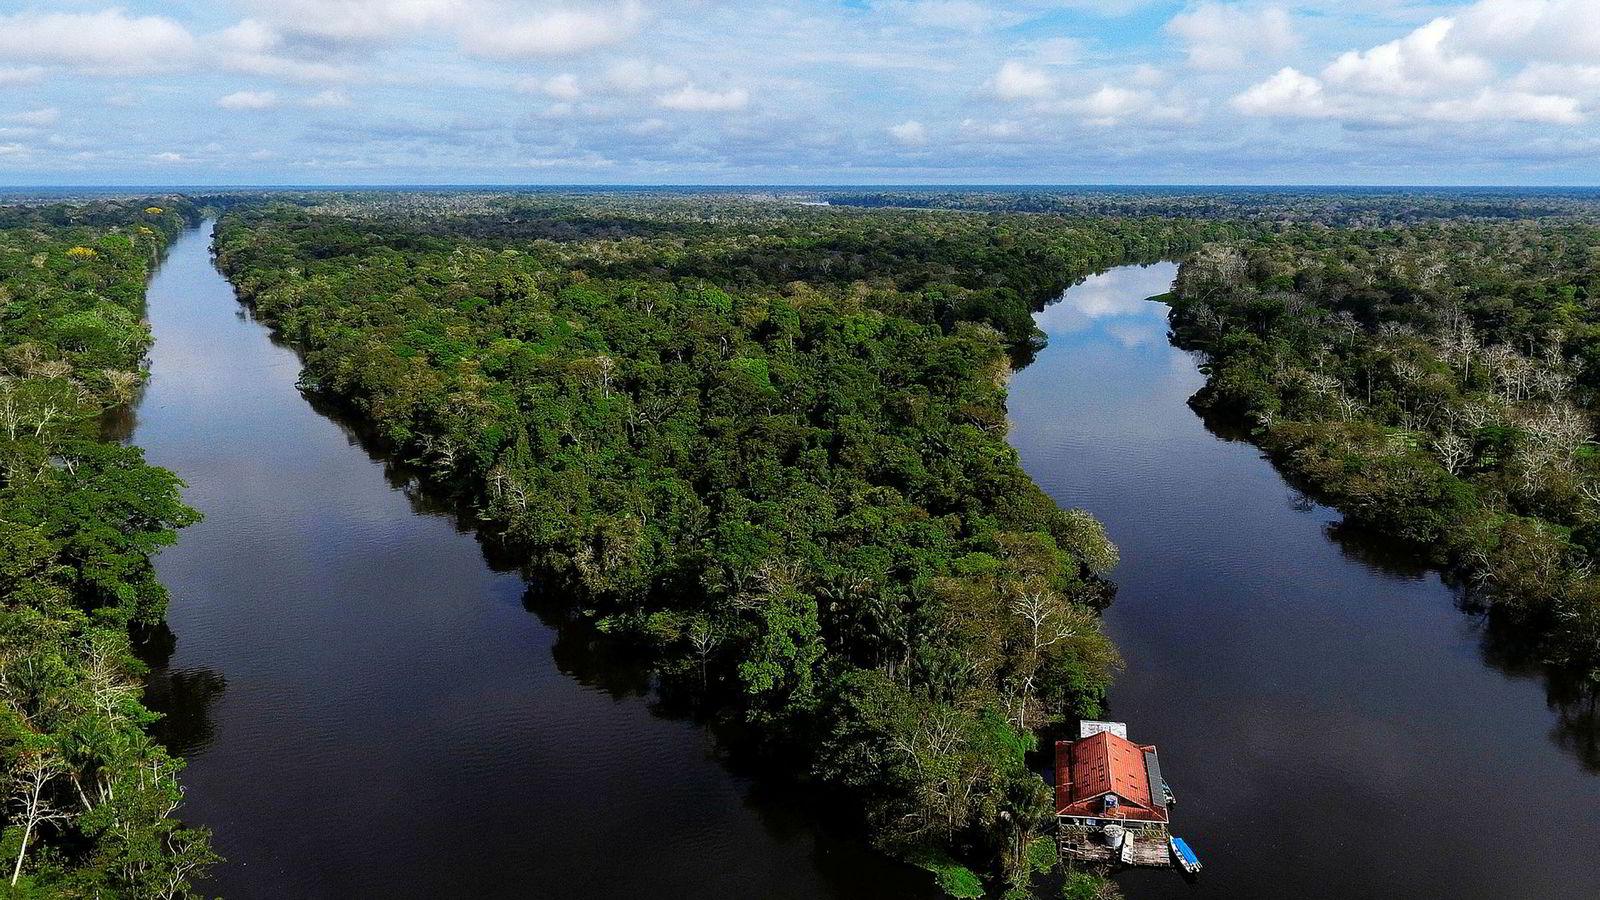 Brasils nye høyreradikale og erkekonservative president har lovet å fjerne urbefolkningenes rettigheter i Amazonas (bildet) slik at områdene blir kommersielt tilgjengelige.